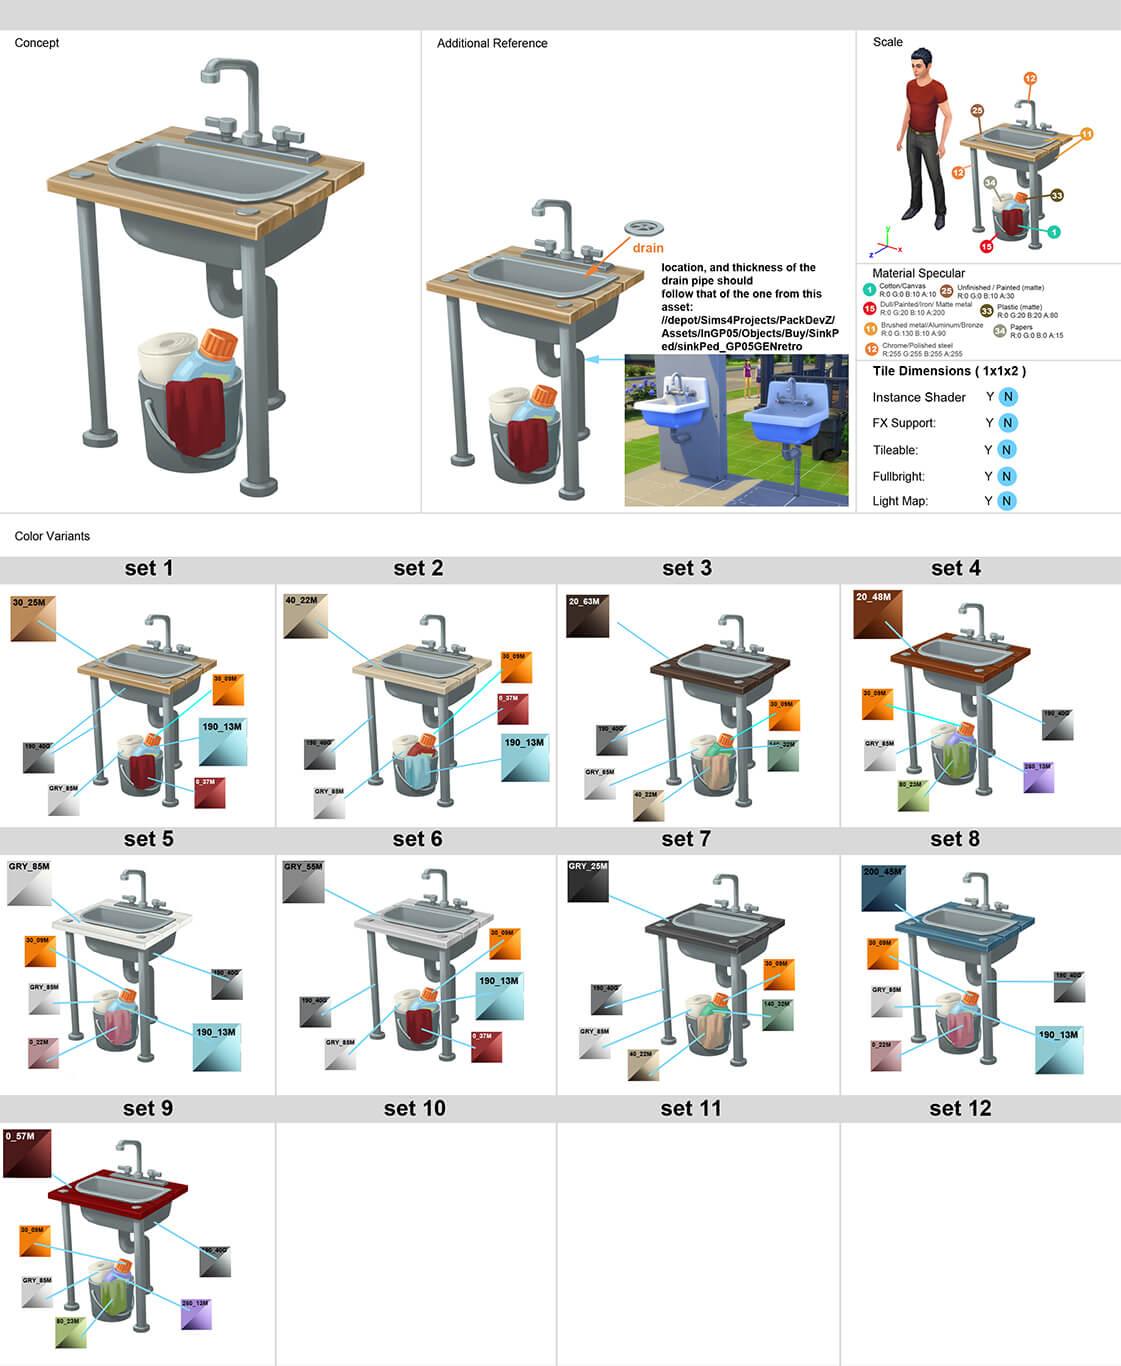 ea-blog-image-bcd-ts4-laundry-16x9-8 (2)